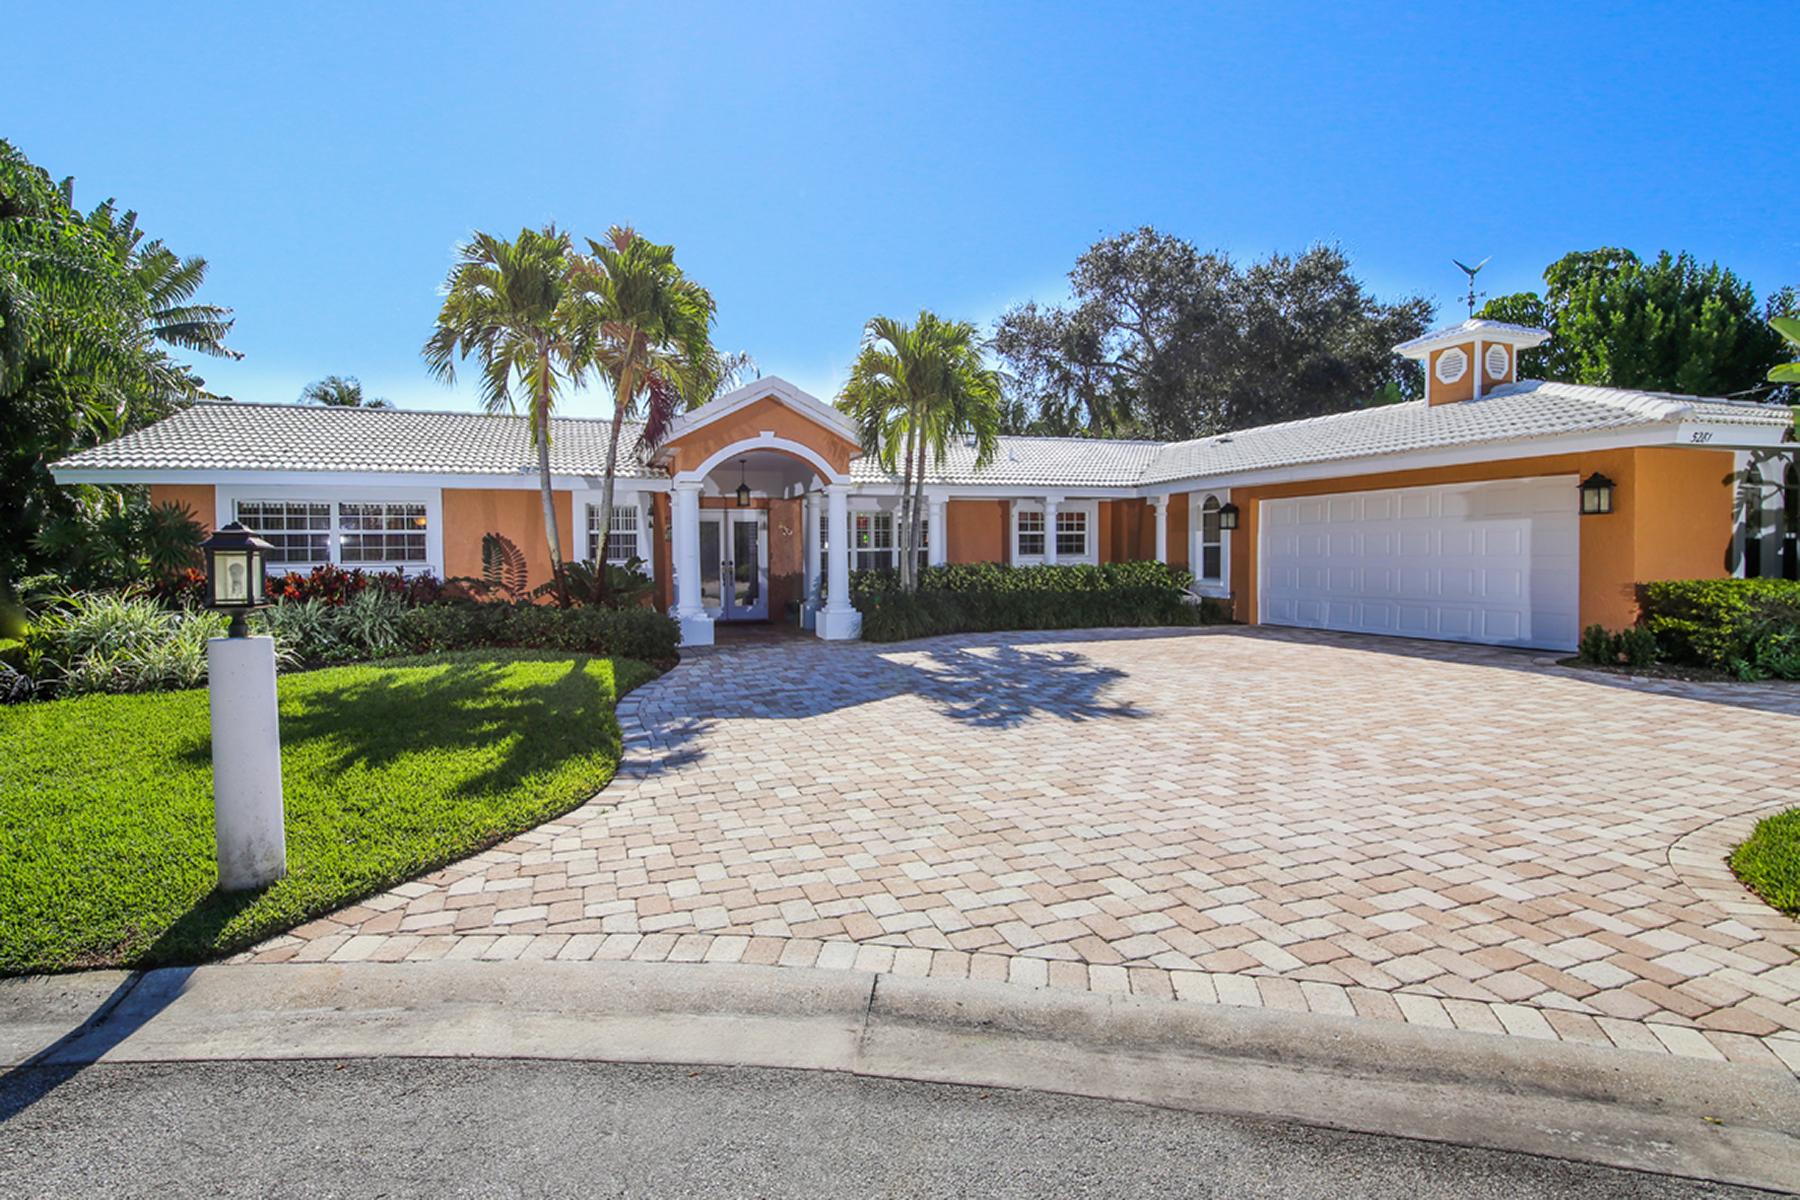 Maison unifamiliale pour l Vente à SIESTA ISLES 5281 Cape Leyte Way Sarasota, Florida, 34242 États-Unis